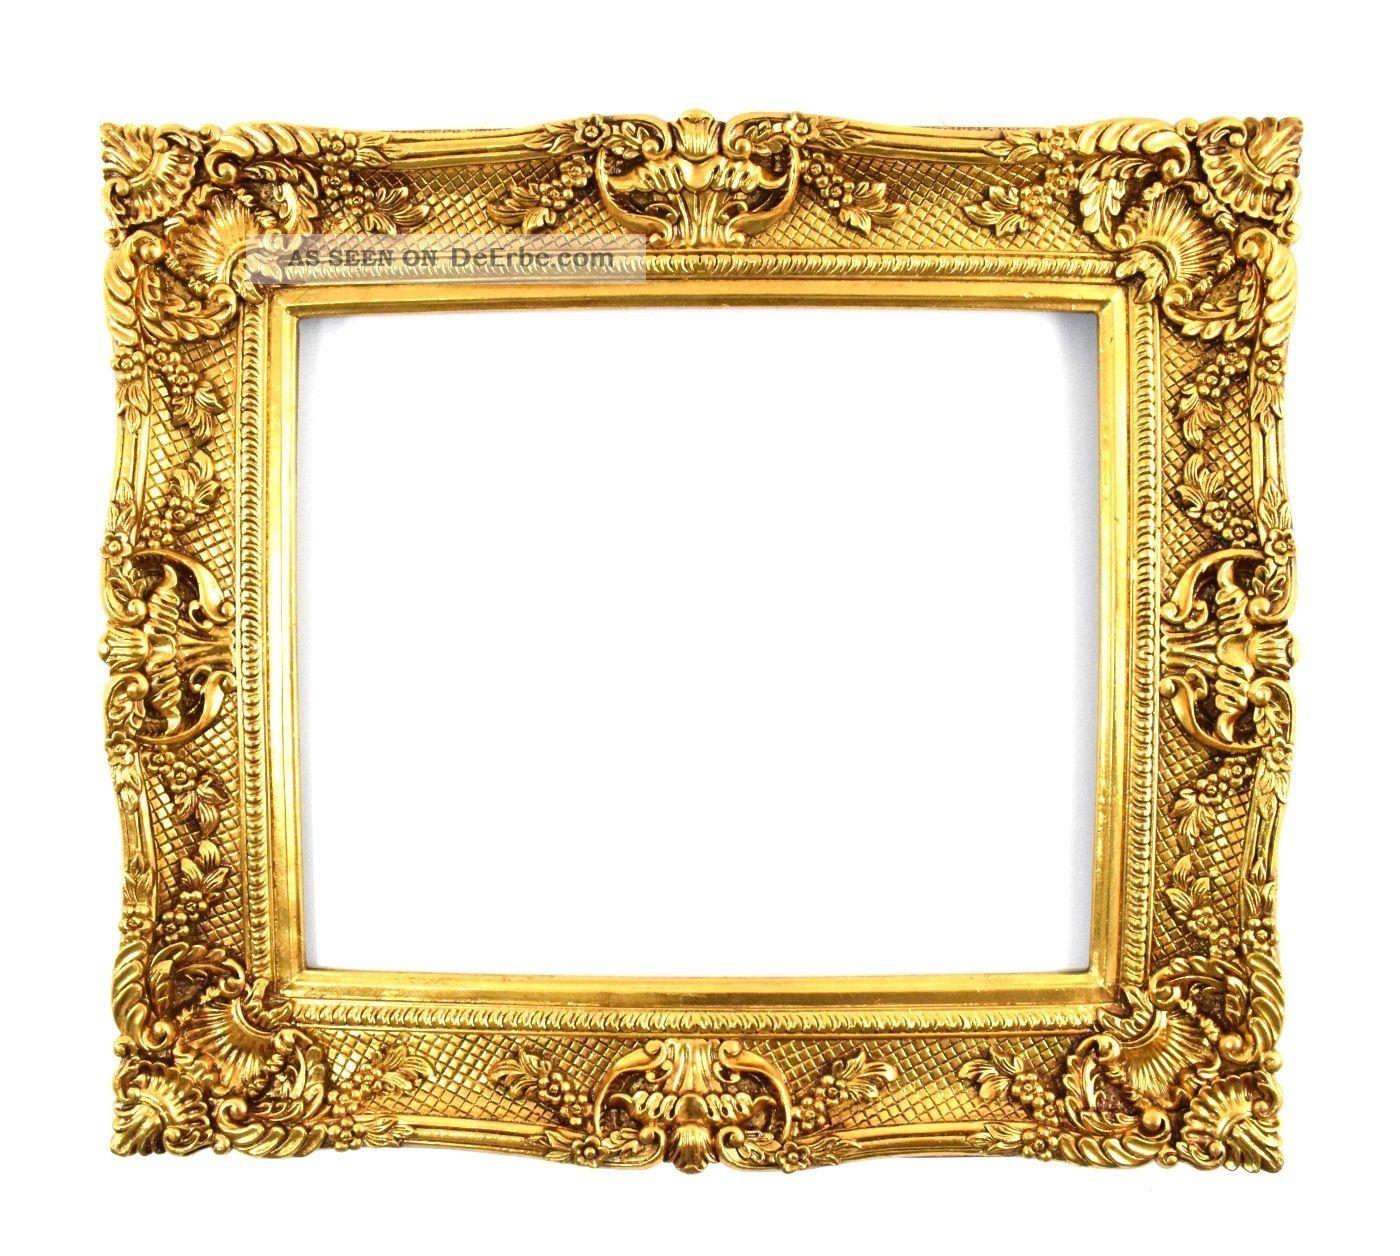 Großer Bilderrahmen 75 X 85 / 50 X 60 Cm Barock Gemälde Prunkrahmen ...